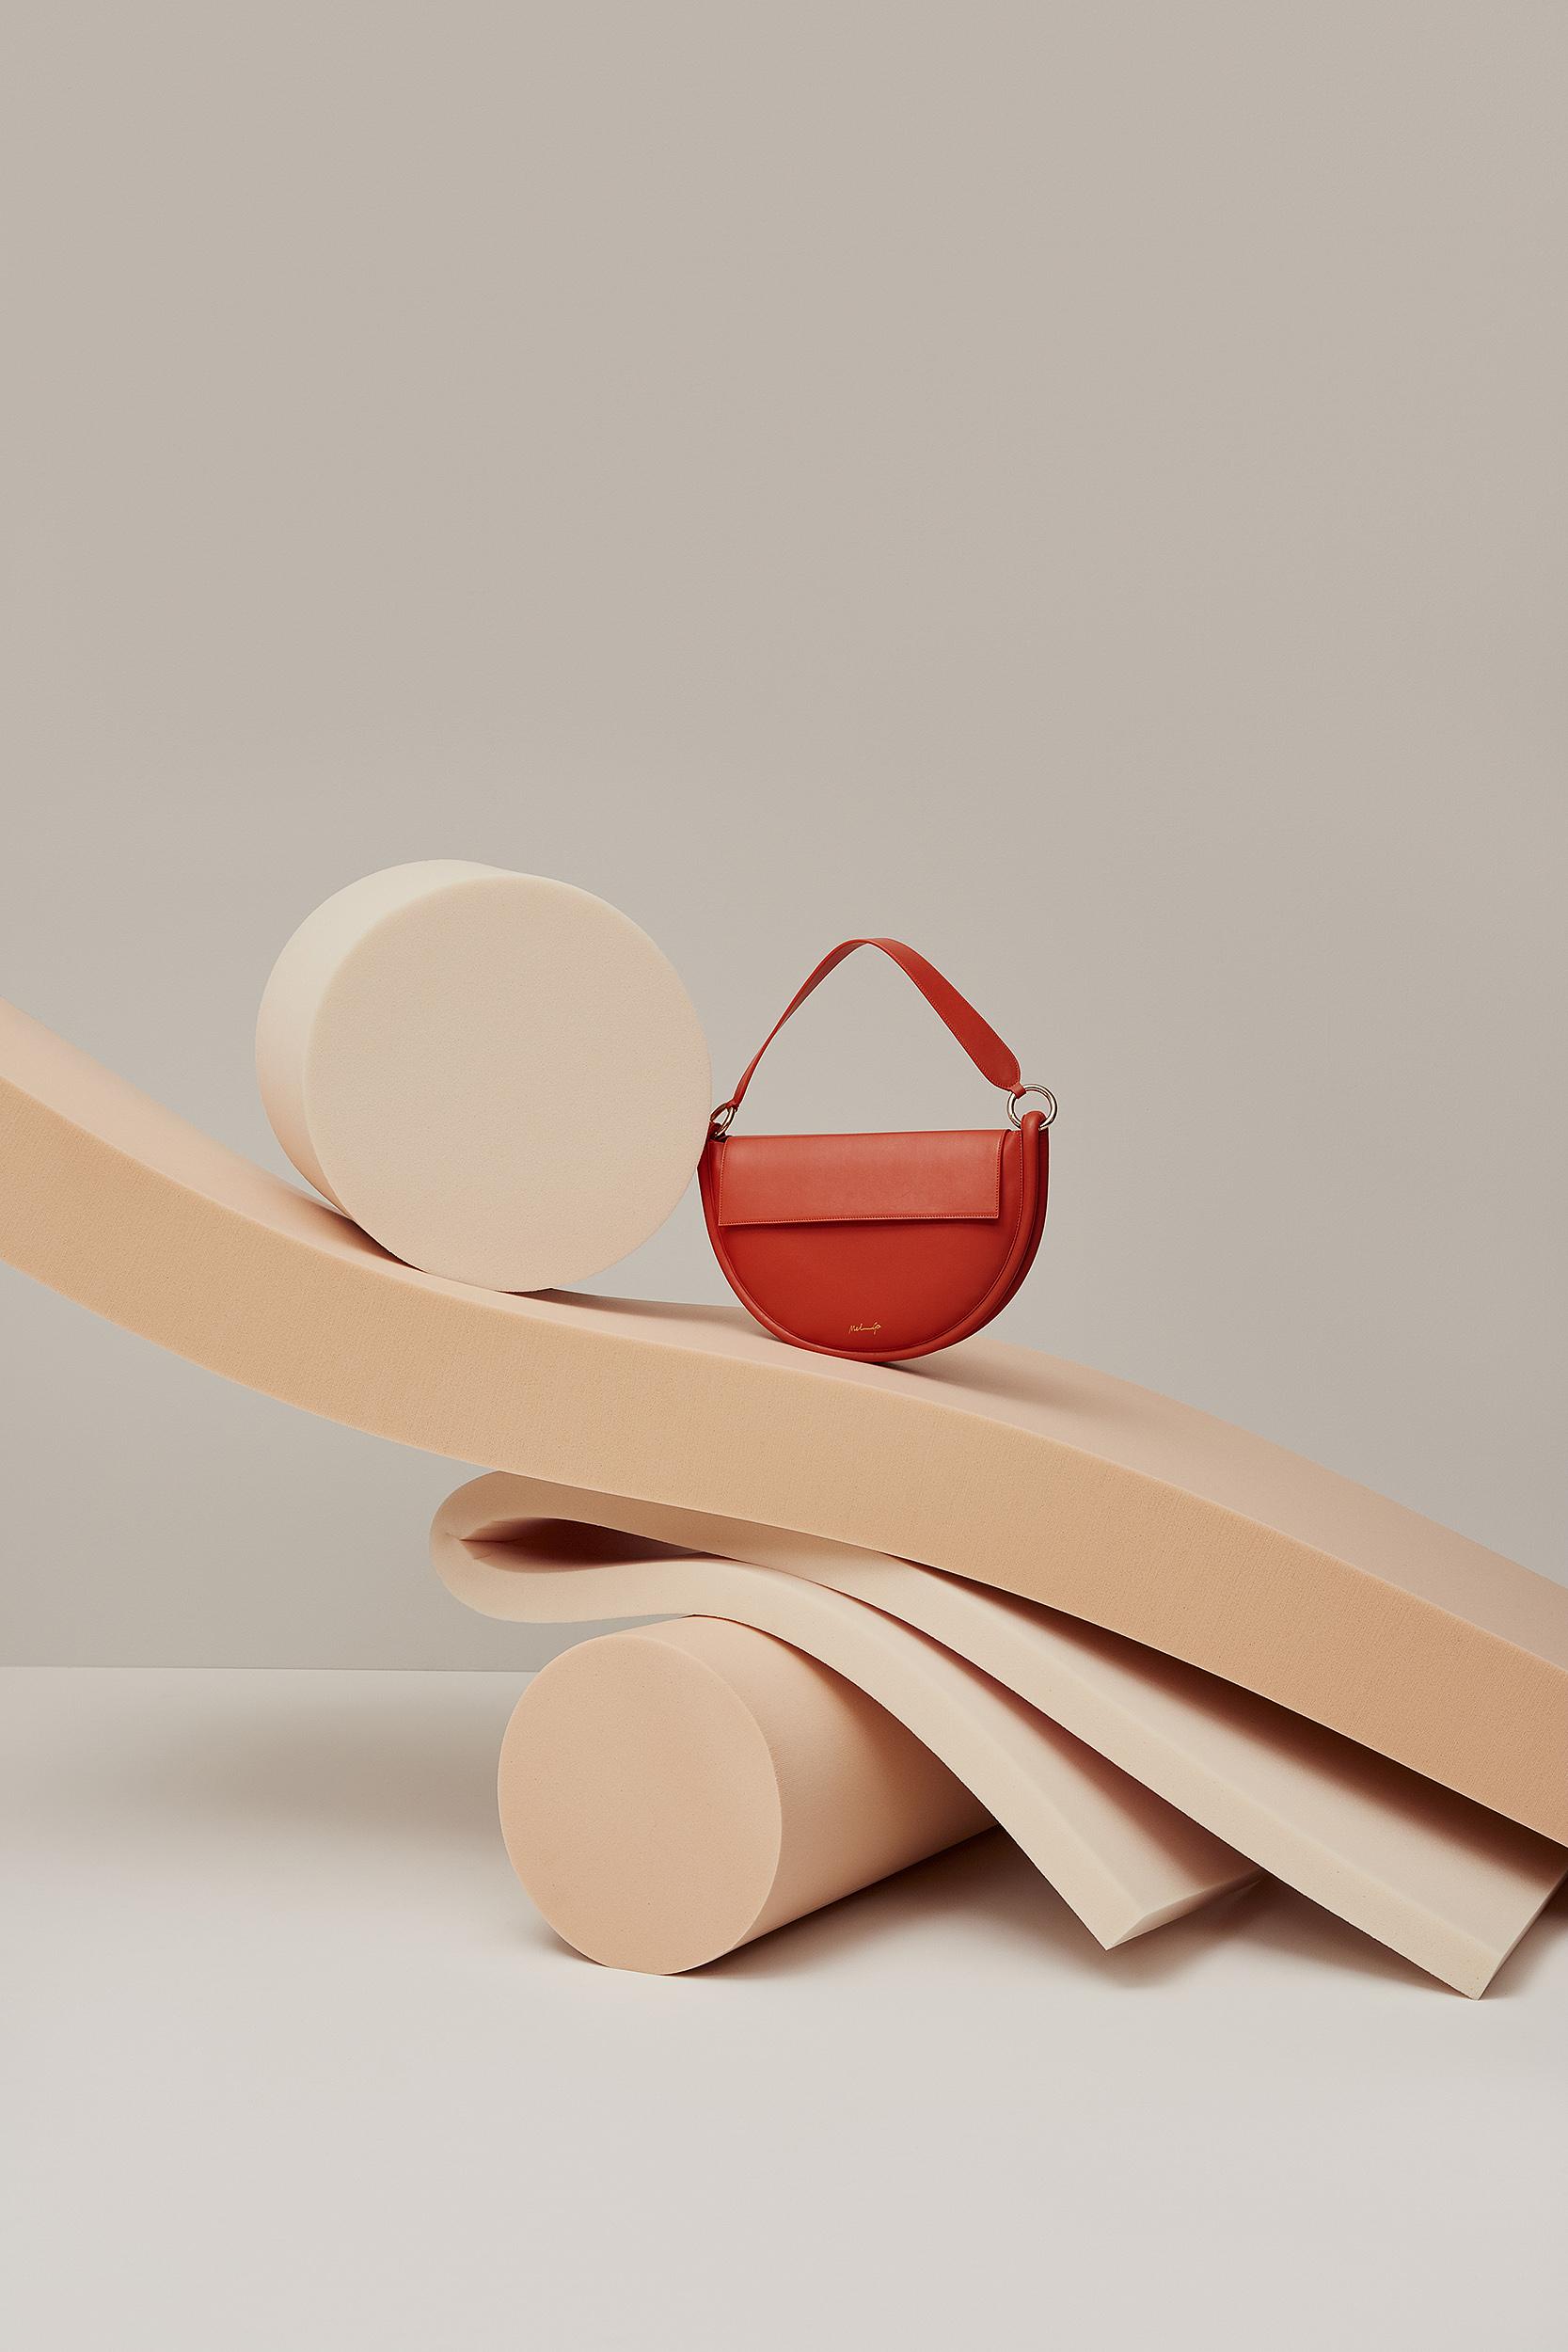 Tilda – Red